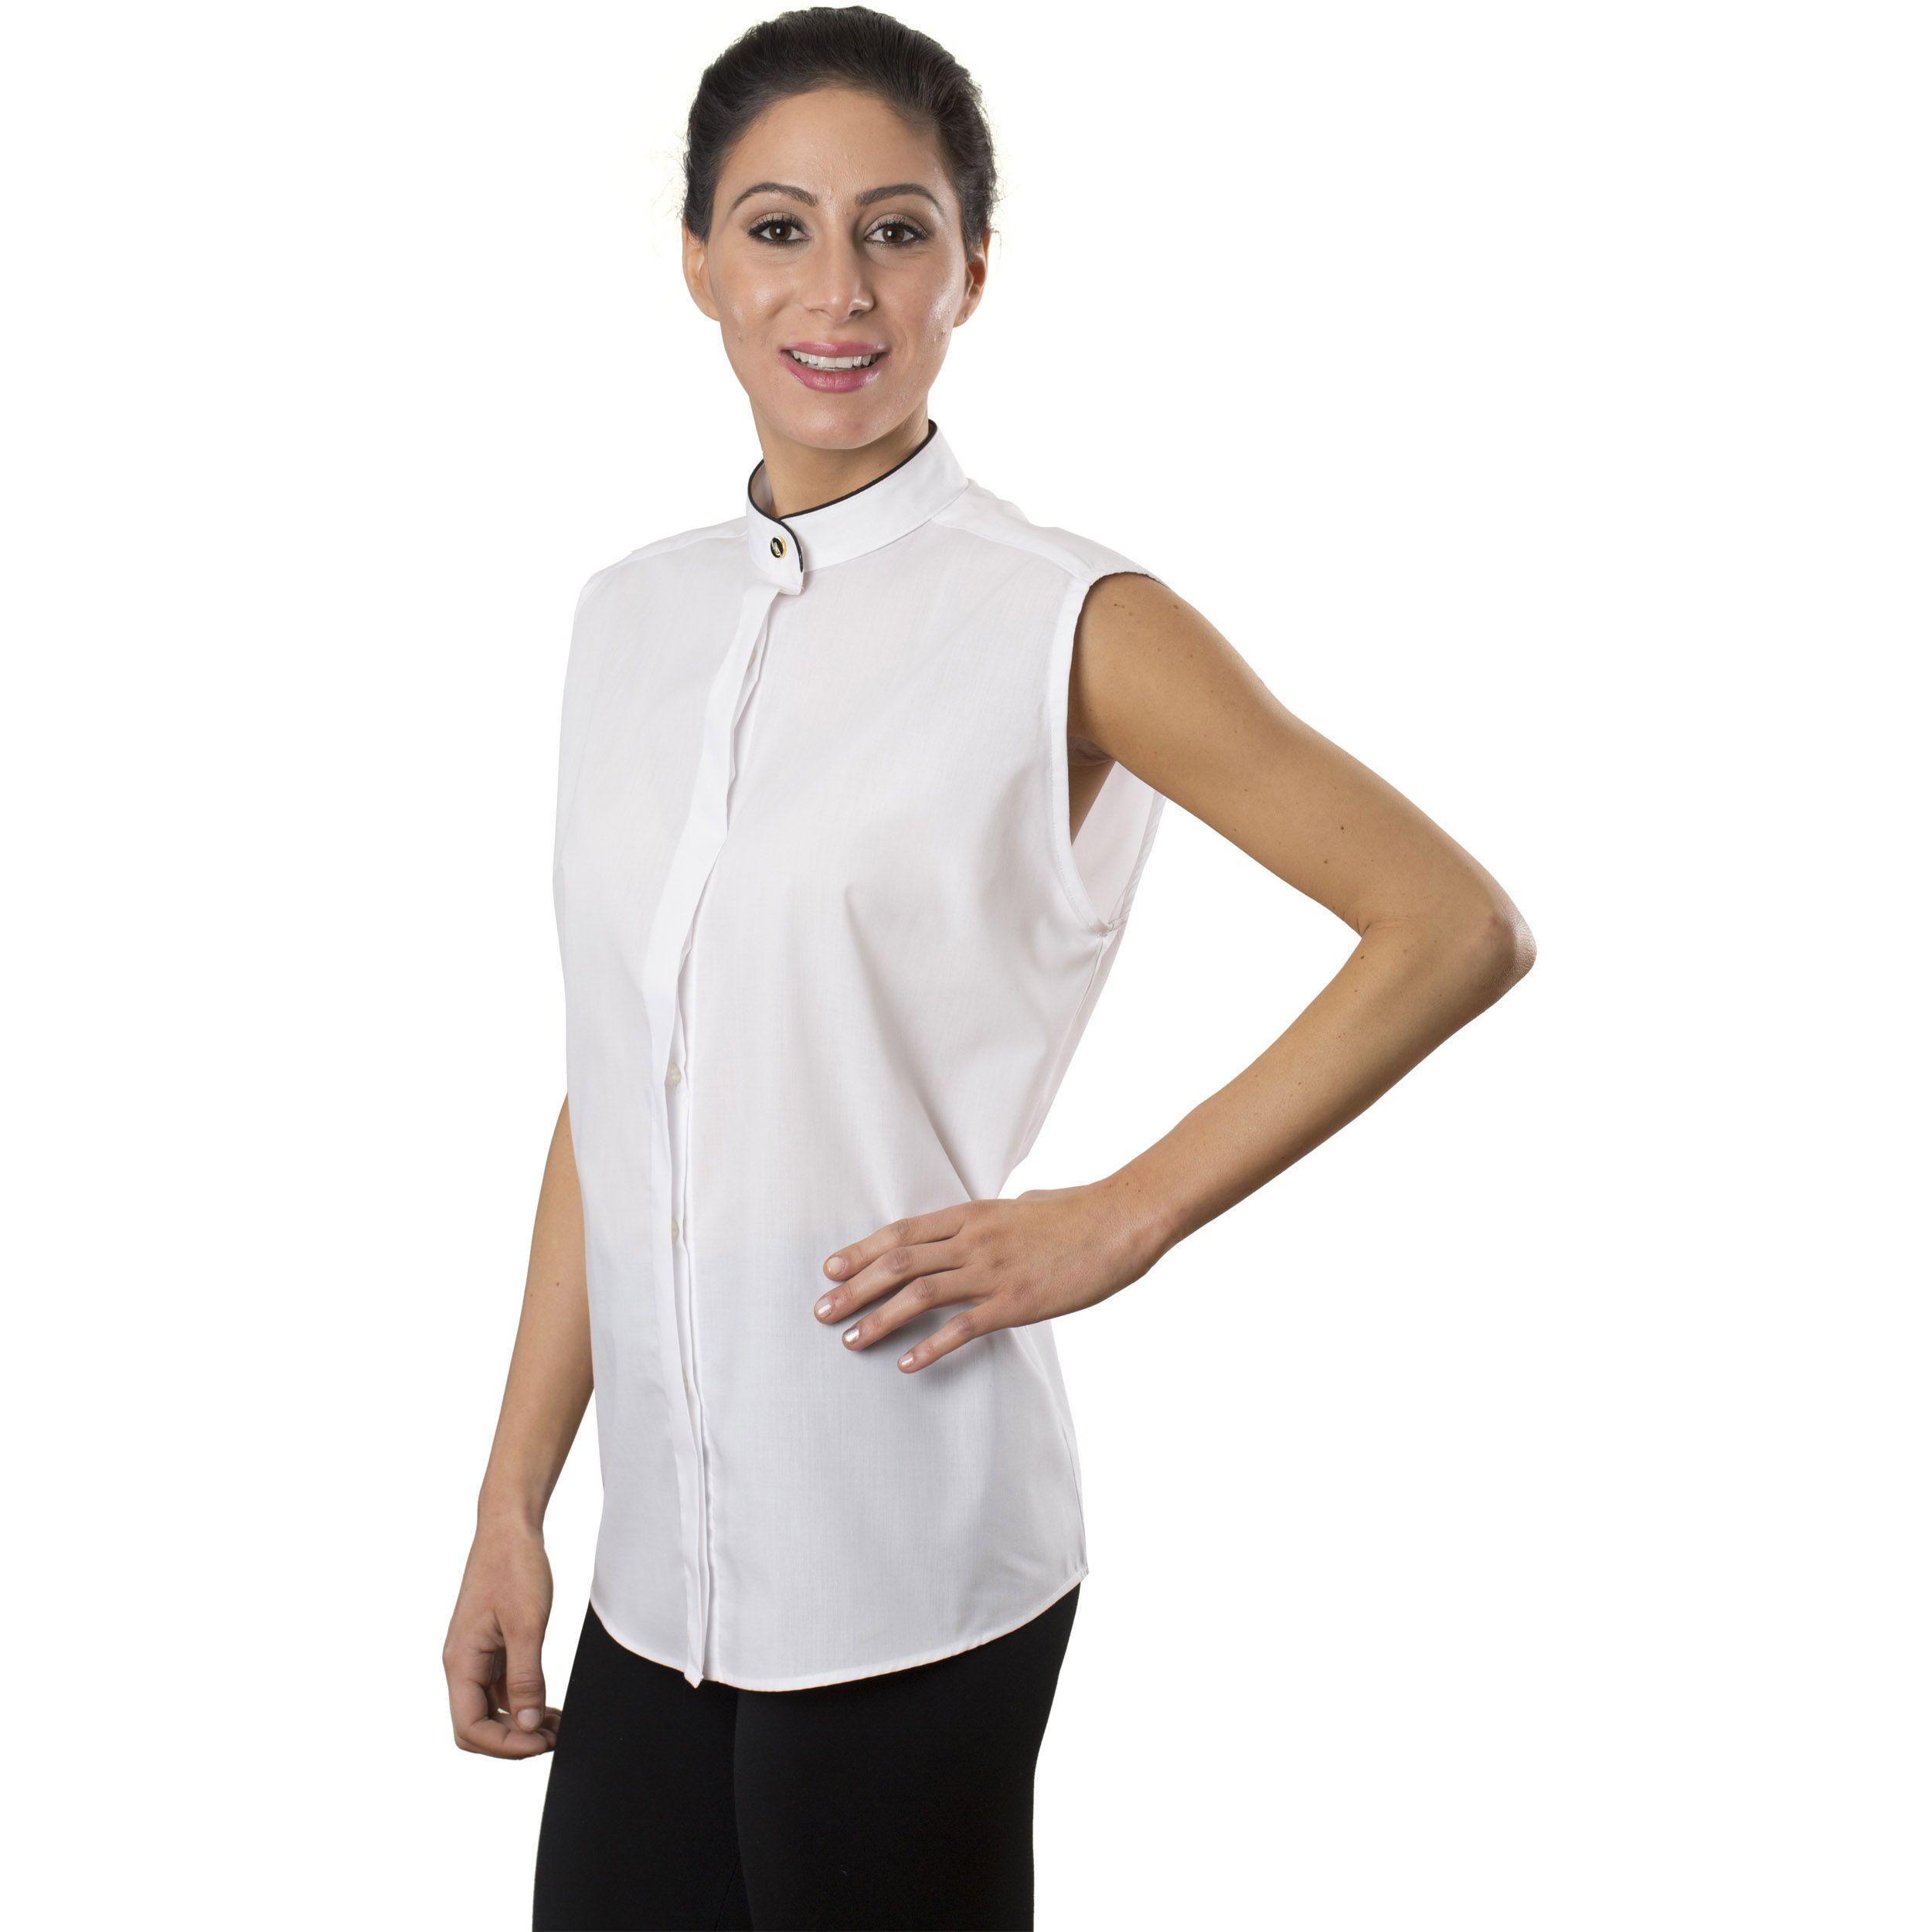 Women 39 s white sleeveless banded collar shirt tuxedo for Sleeveless white shirt with collar